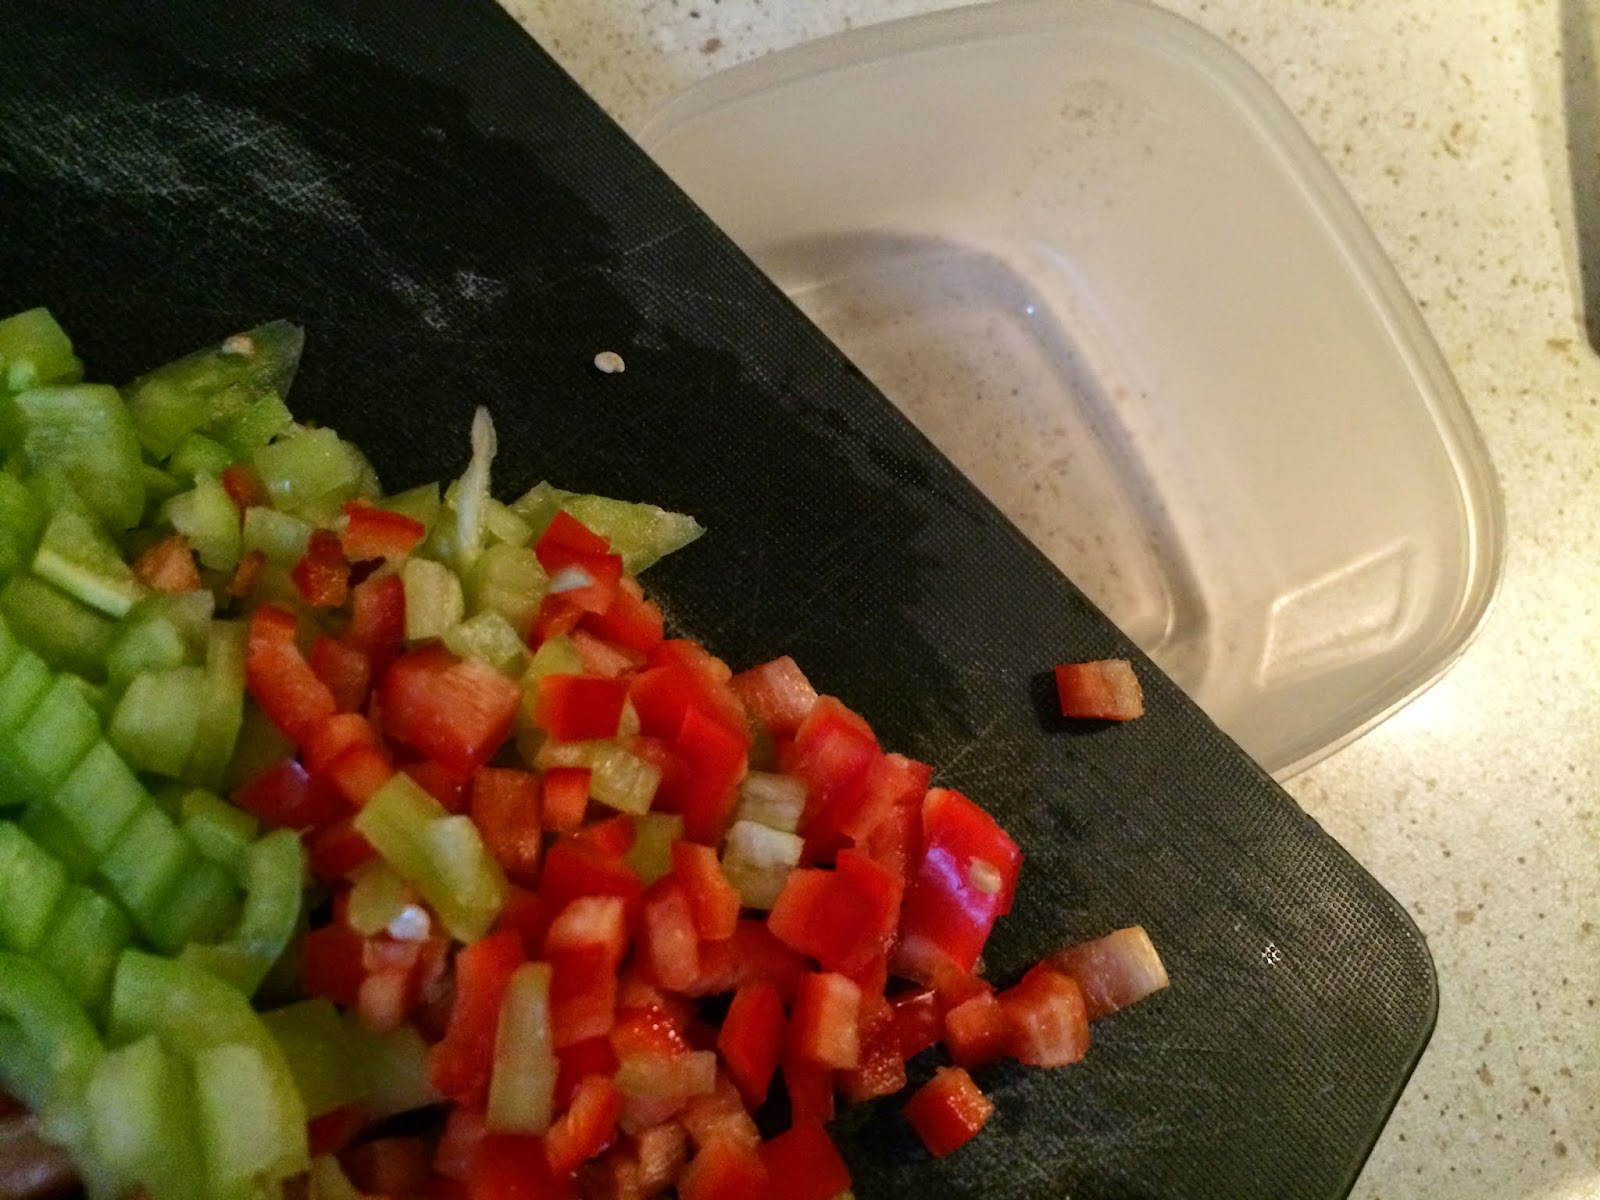 resimli-yesil-mercimek-salatasi-tarifi